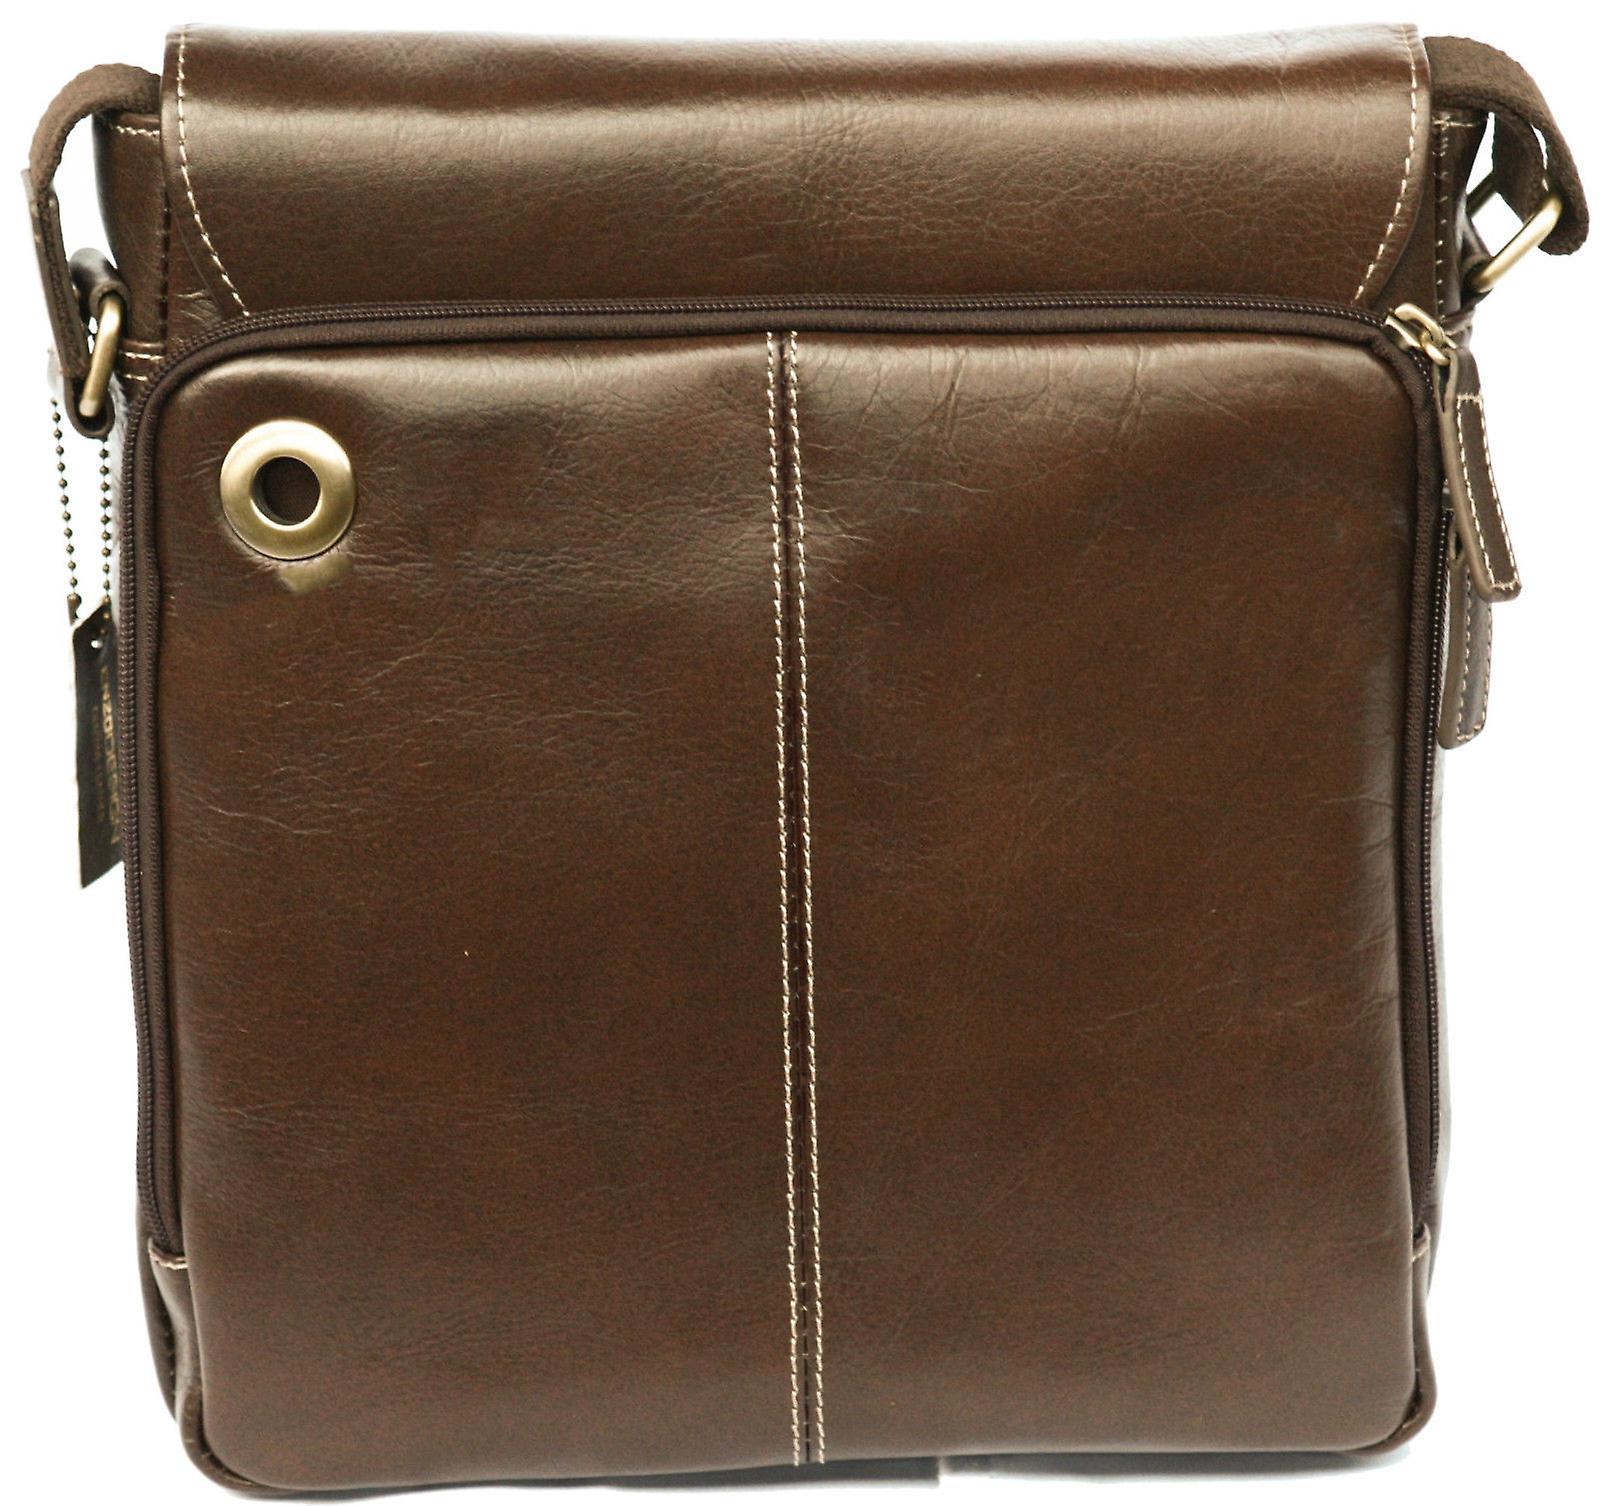 Soft Leather Cross Body Shoulder Bag Tablet Pocket Case Messenger Men Ladies